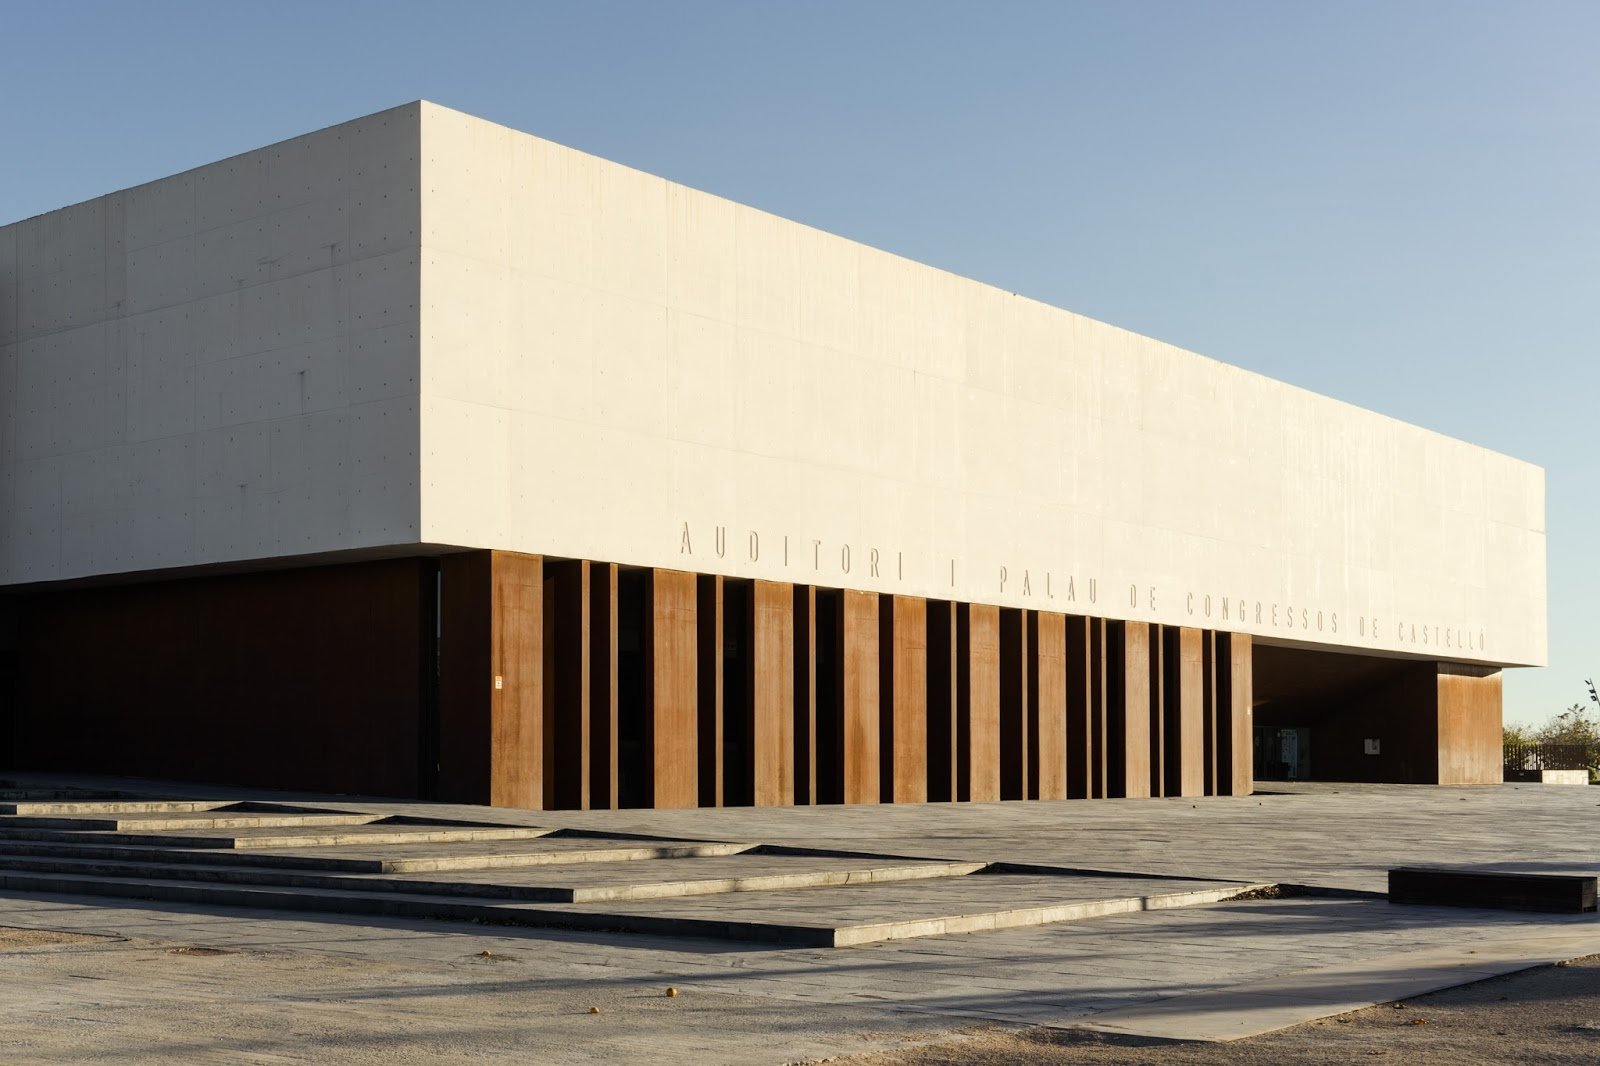 auditori i palau de congressos